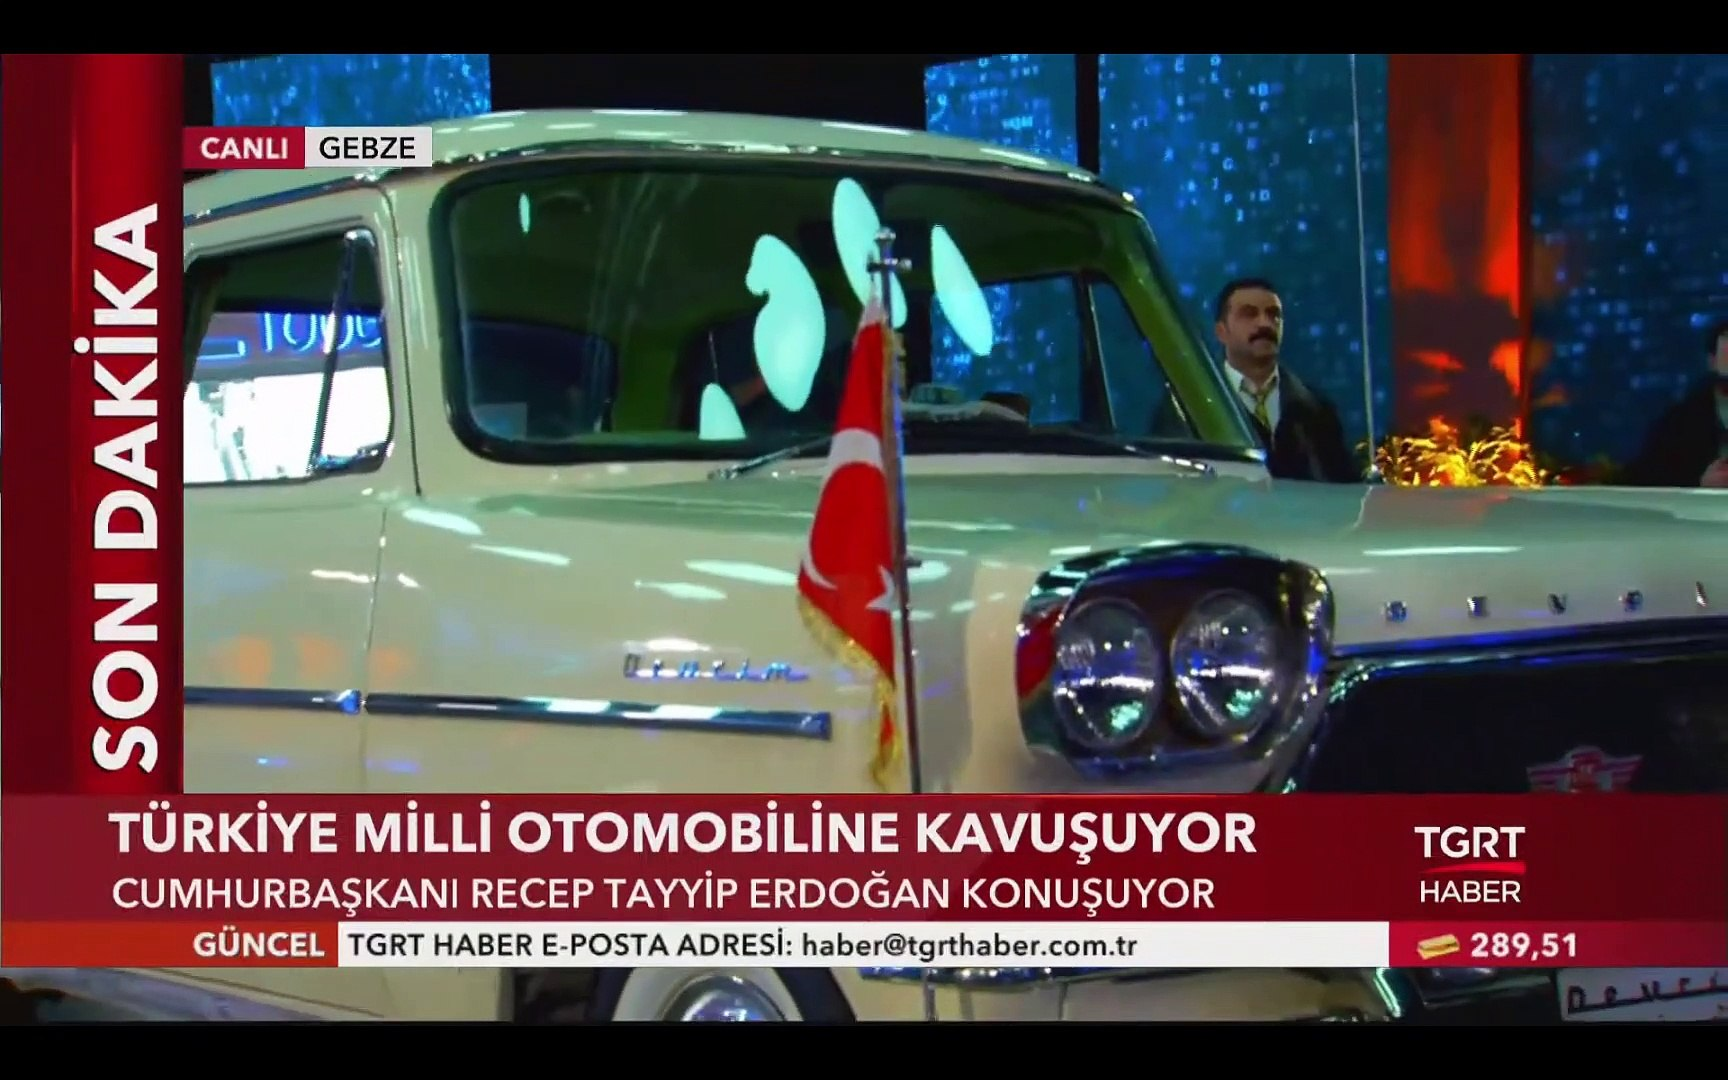 Türkiye Milli Otomobiline Kavuştu - İşte Yerli ve Milli Otomobilden İlk Görüntüler